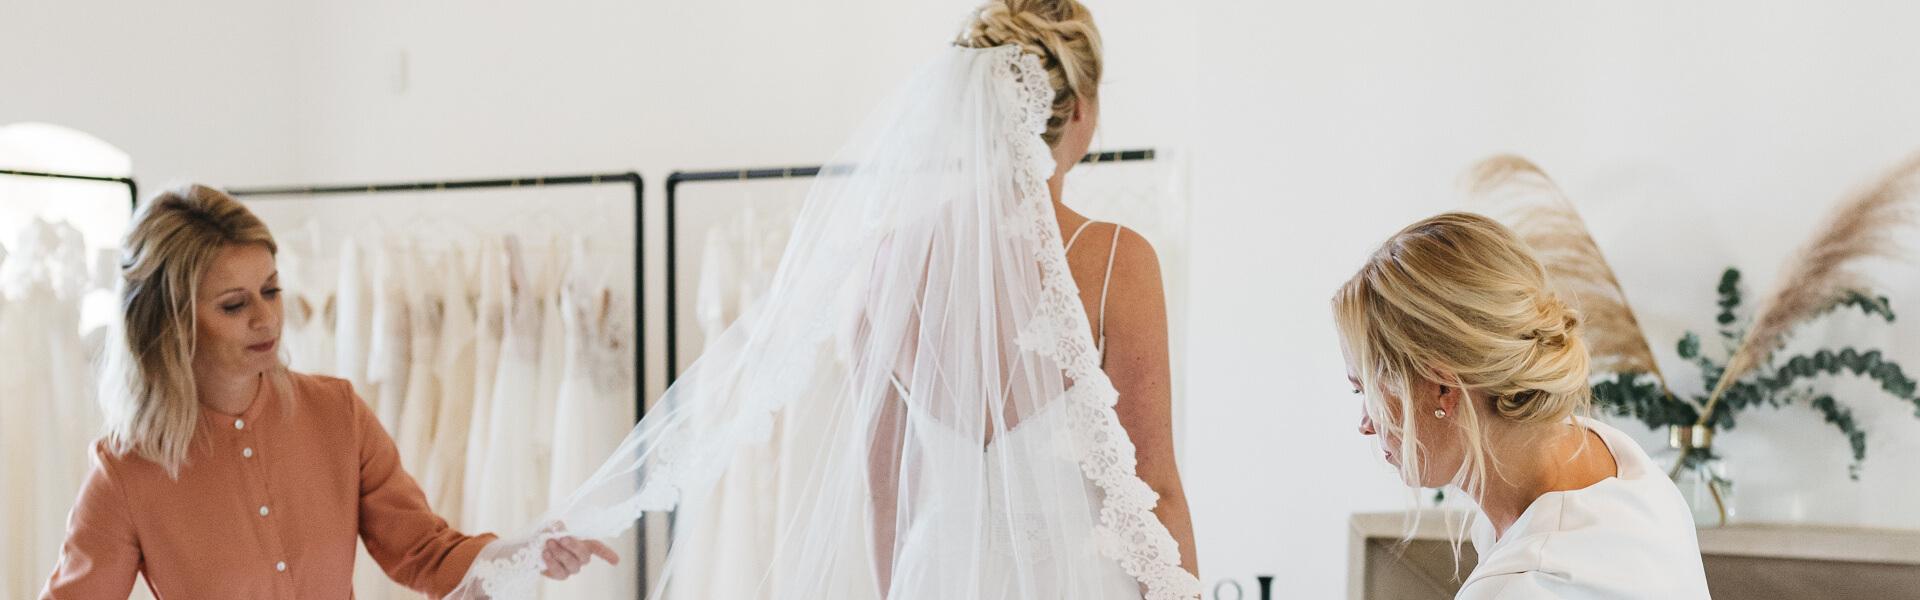 Brautmomente – Dein Moment